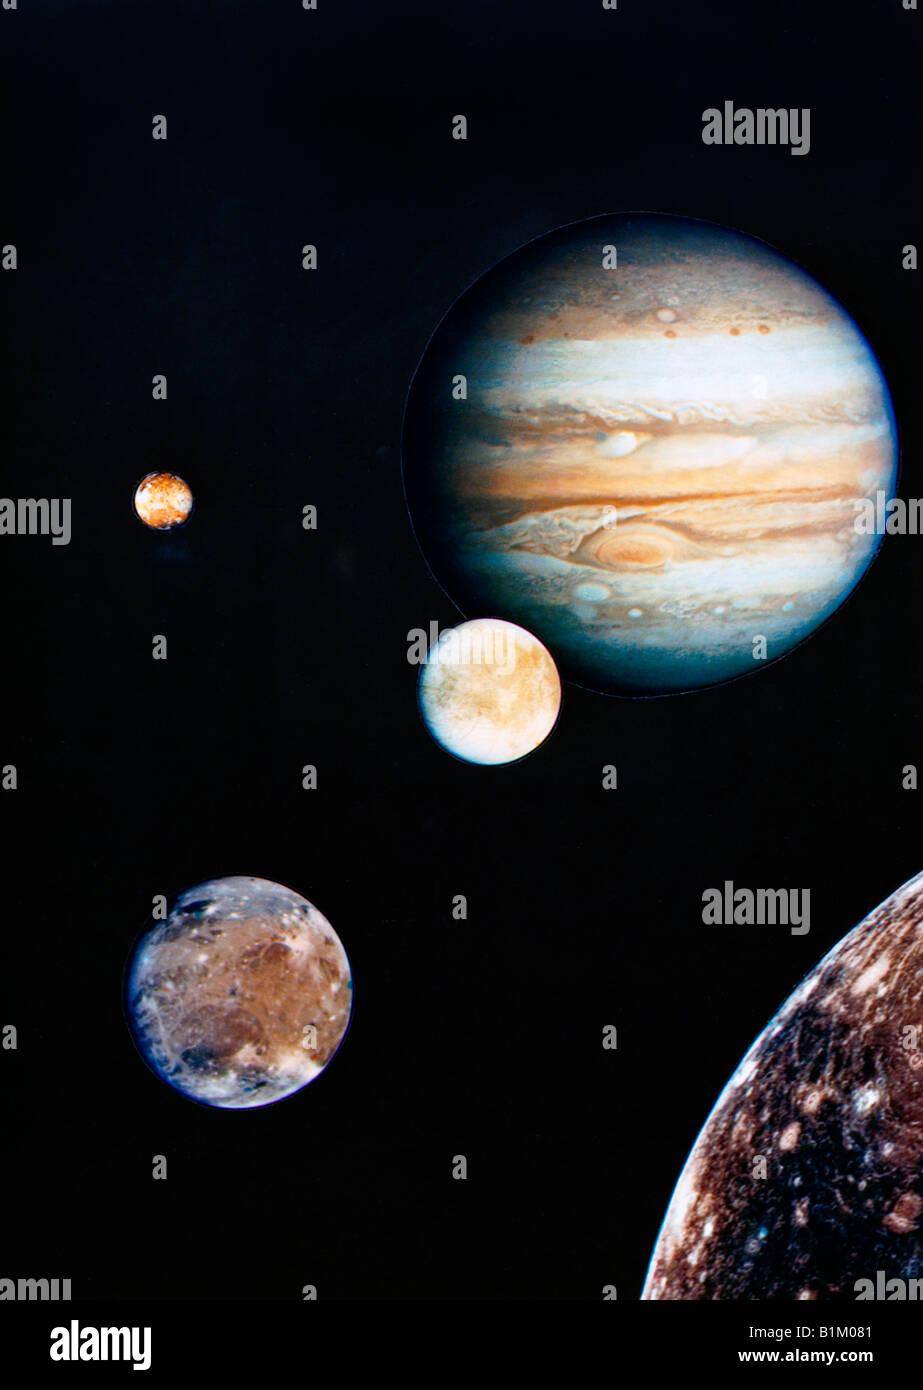 Giove e le sue lune Io, Europa, Ganimede e Callisto - Composite Foto di Voyager ho Immagini Stock